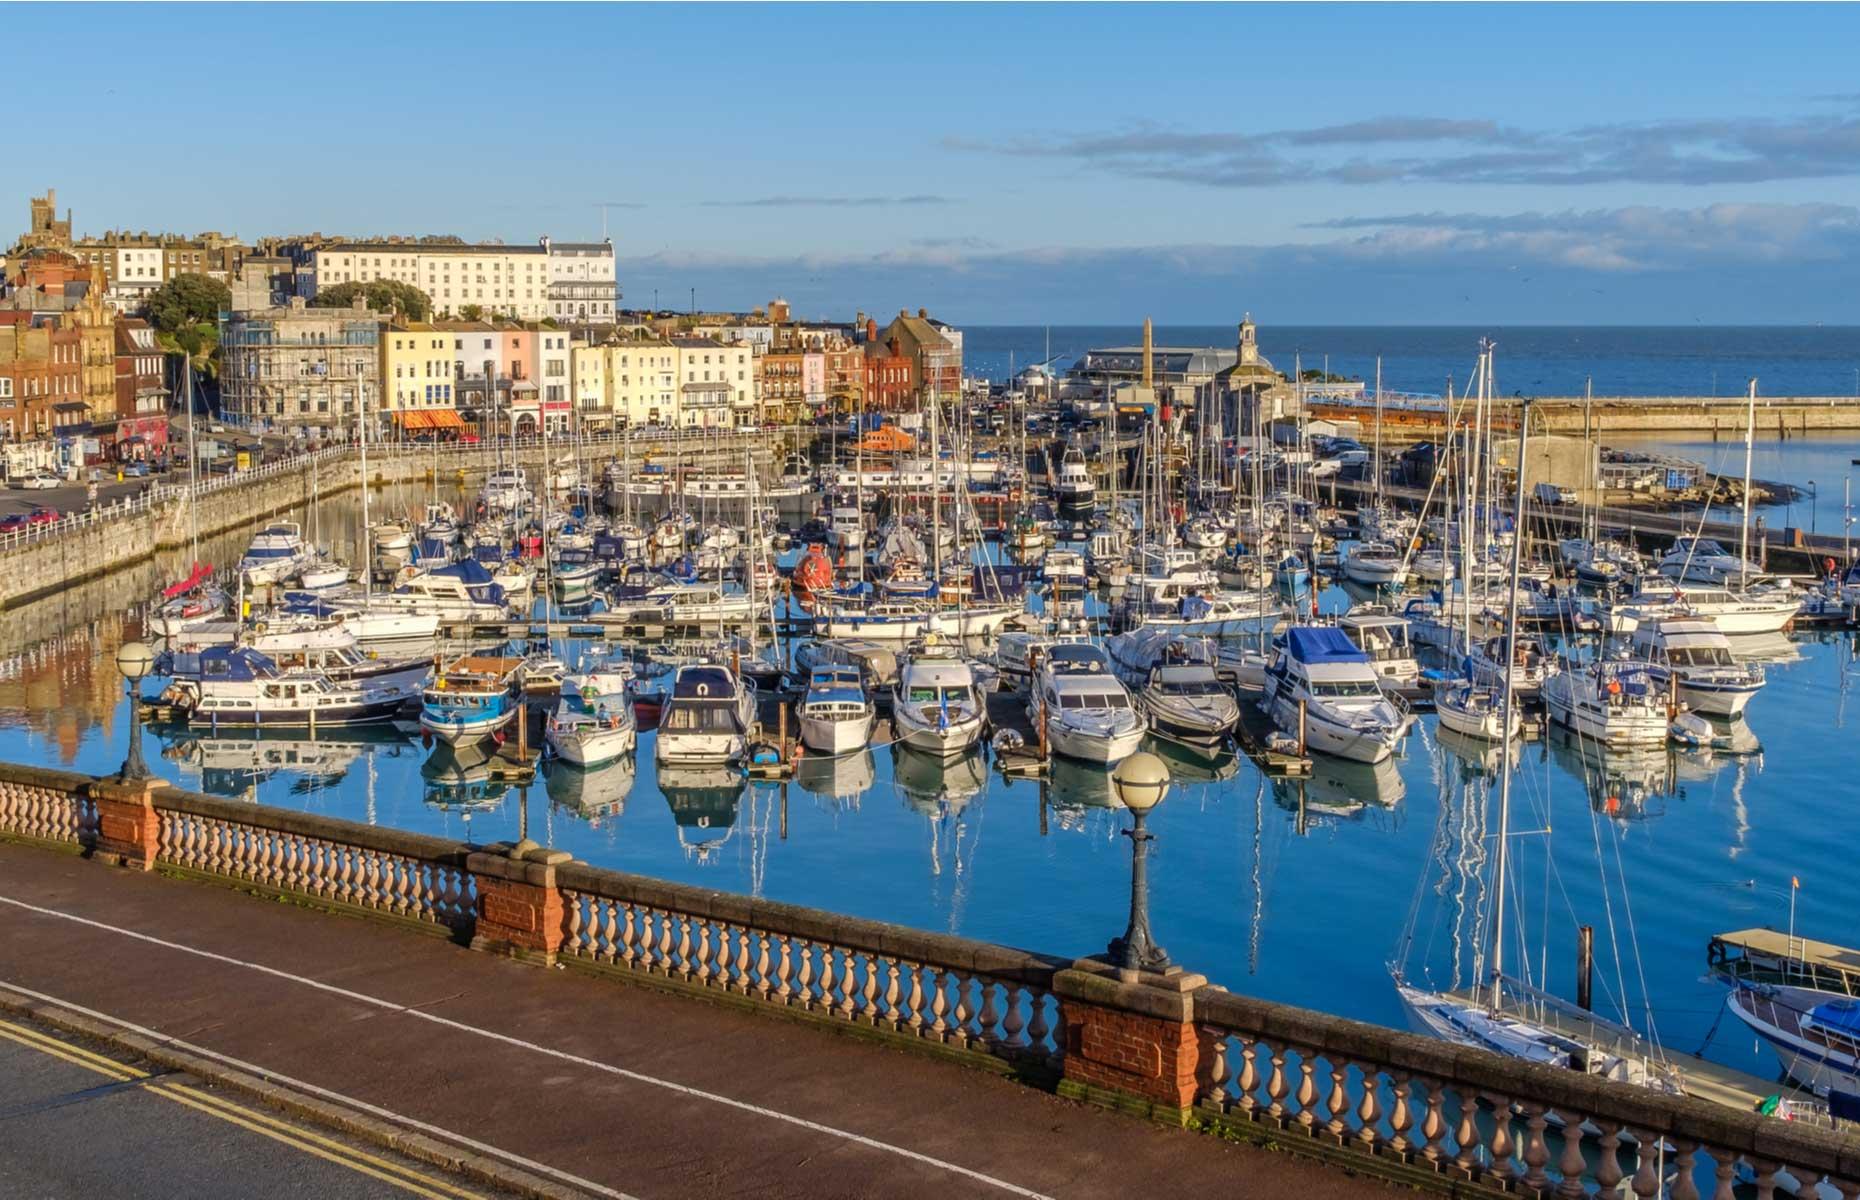 Ramsgate marina (Image: Christine Bird/Shutterstock)